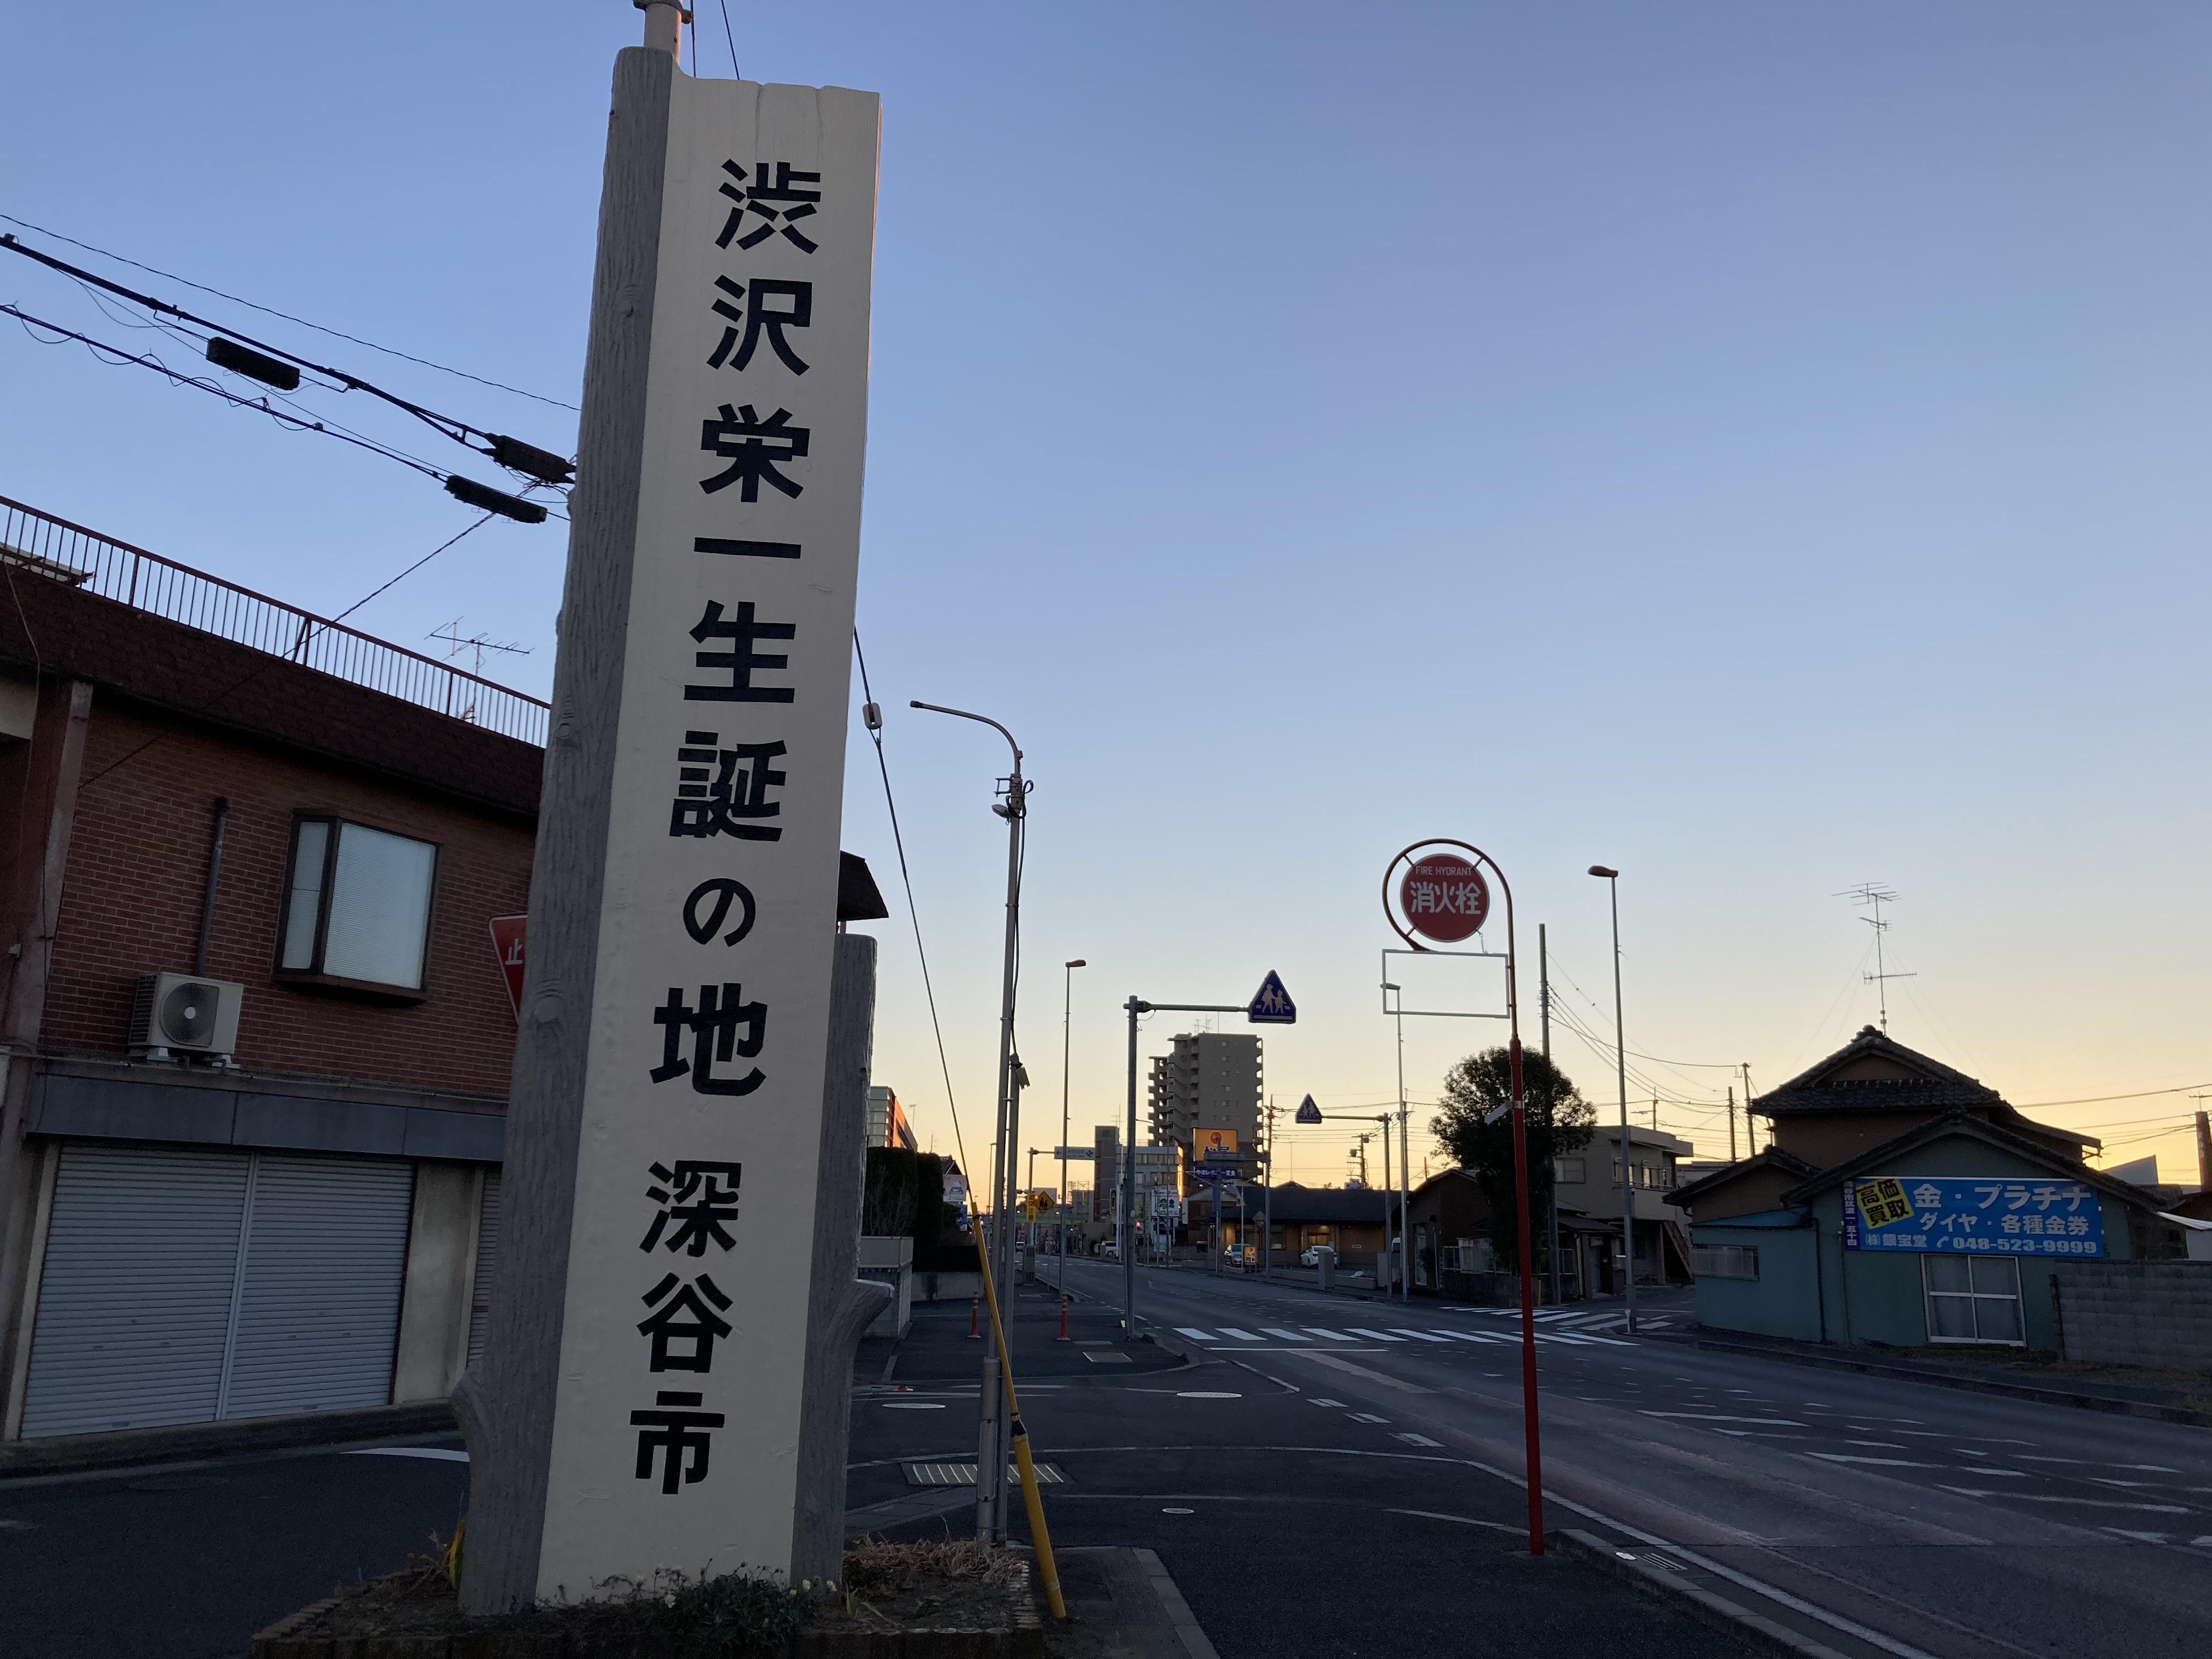 「渋沢栄一生誕の地 深谷市」の表示